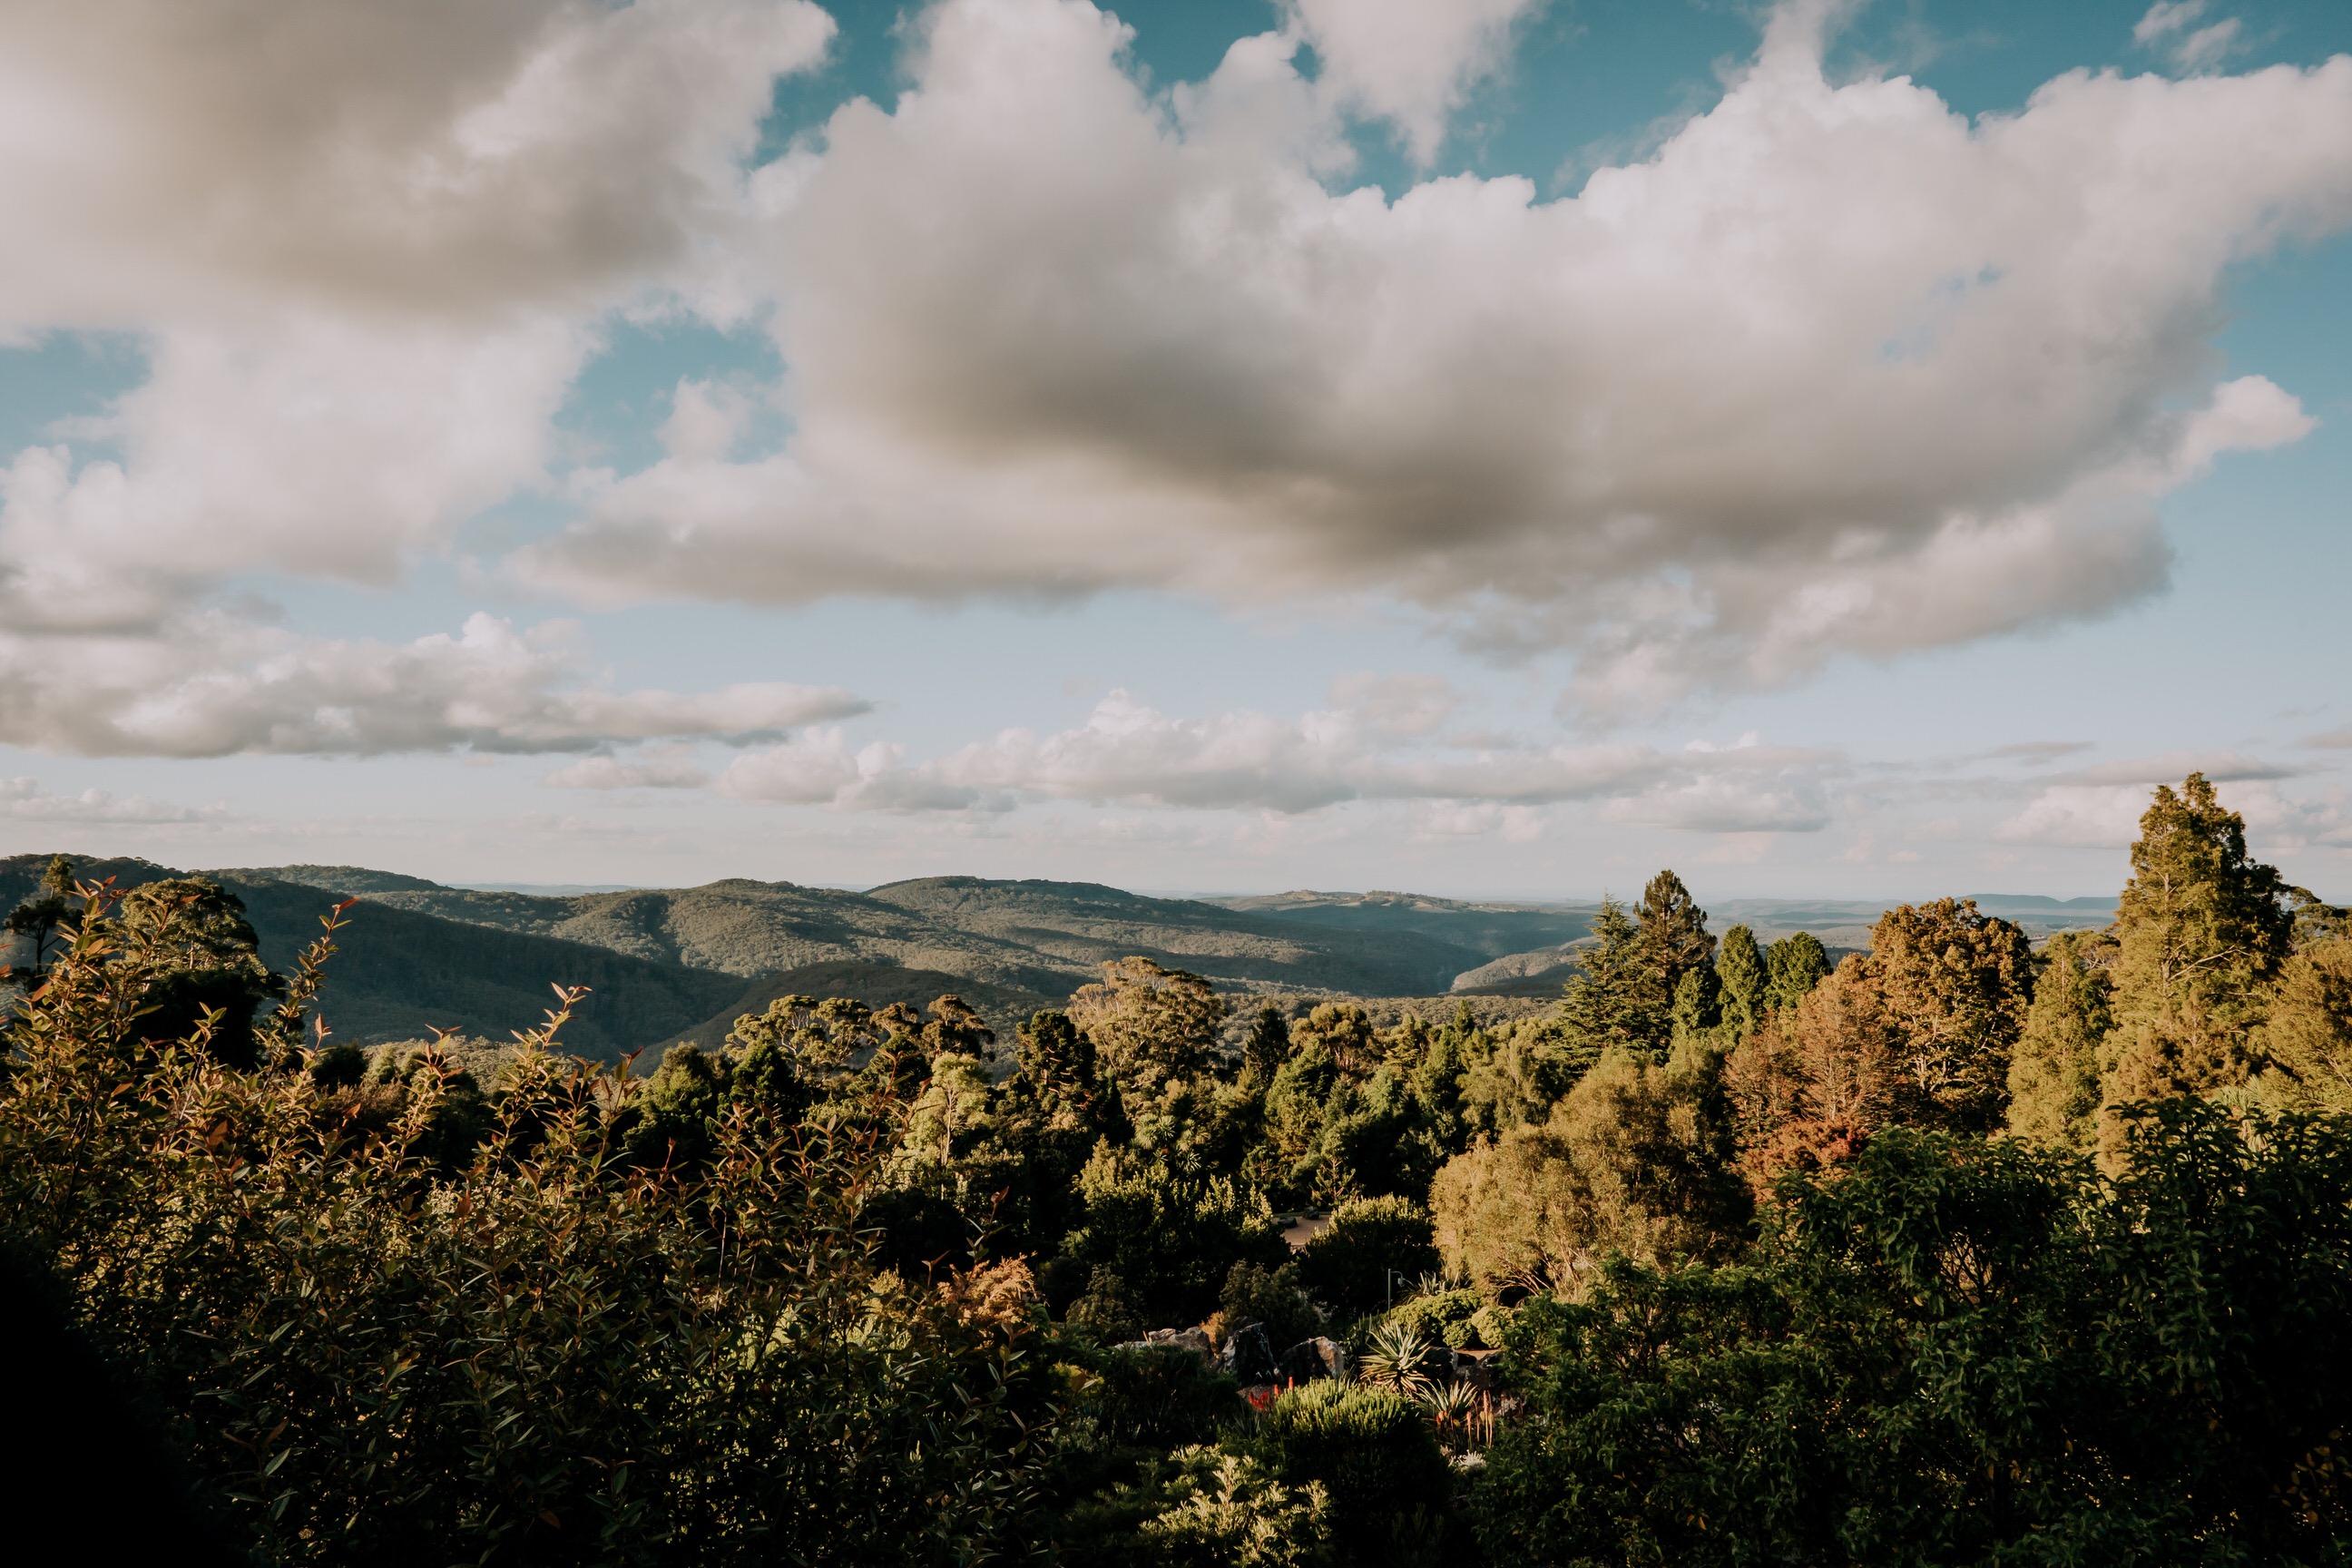 ava-me-photography-mikaela-jesse-mt-tomah-blue-mountains-botanic-gardens-engagement-1